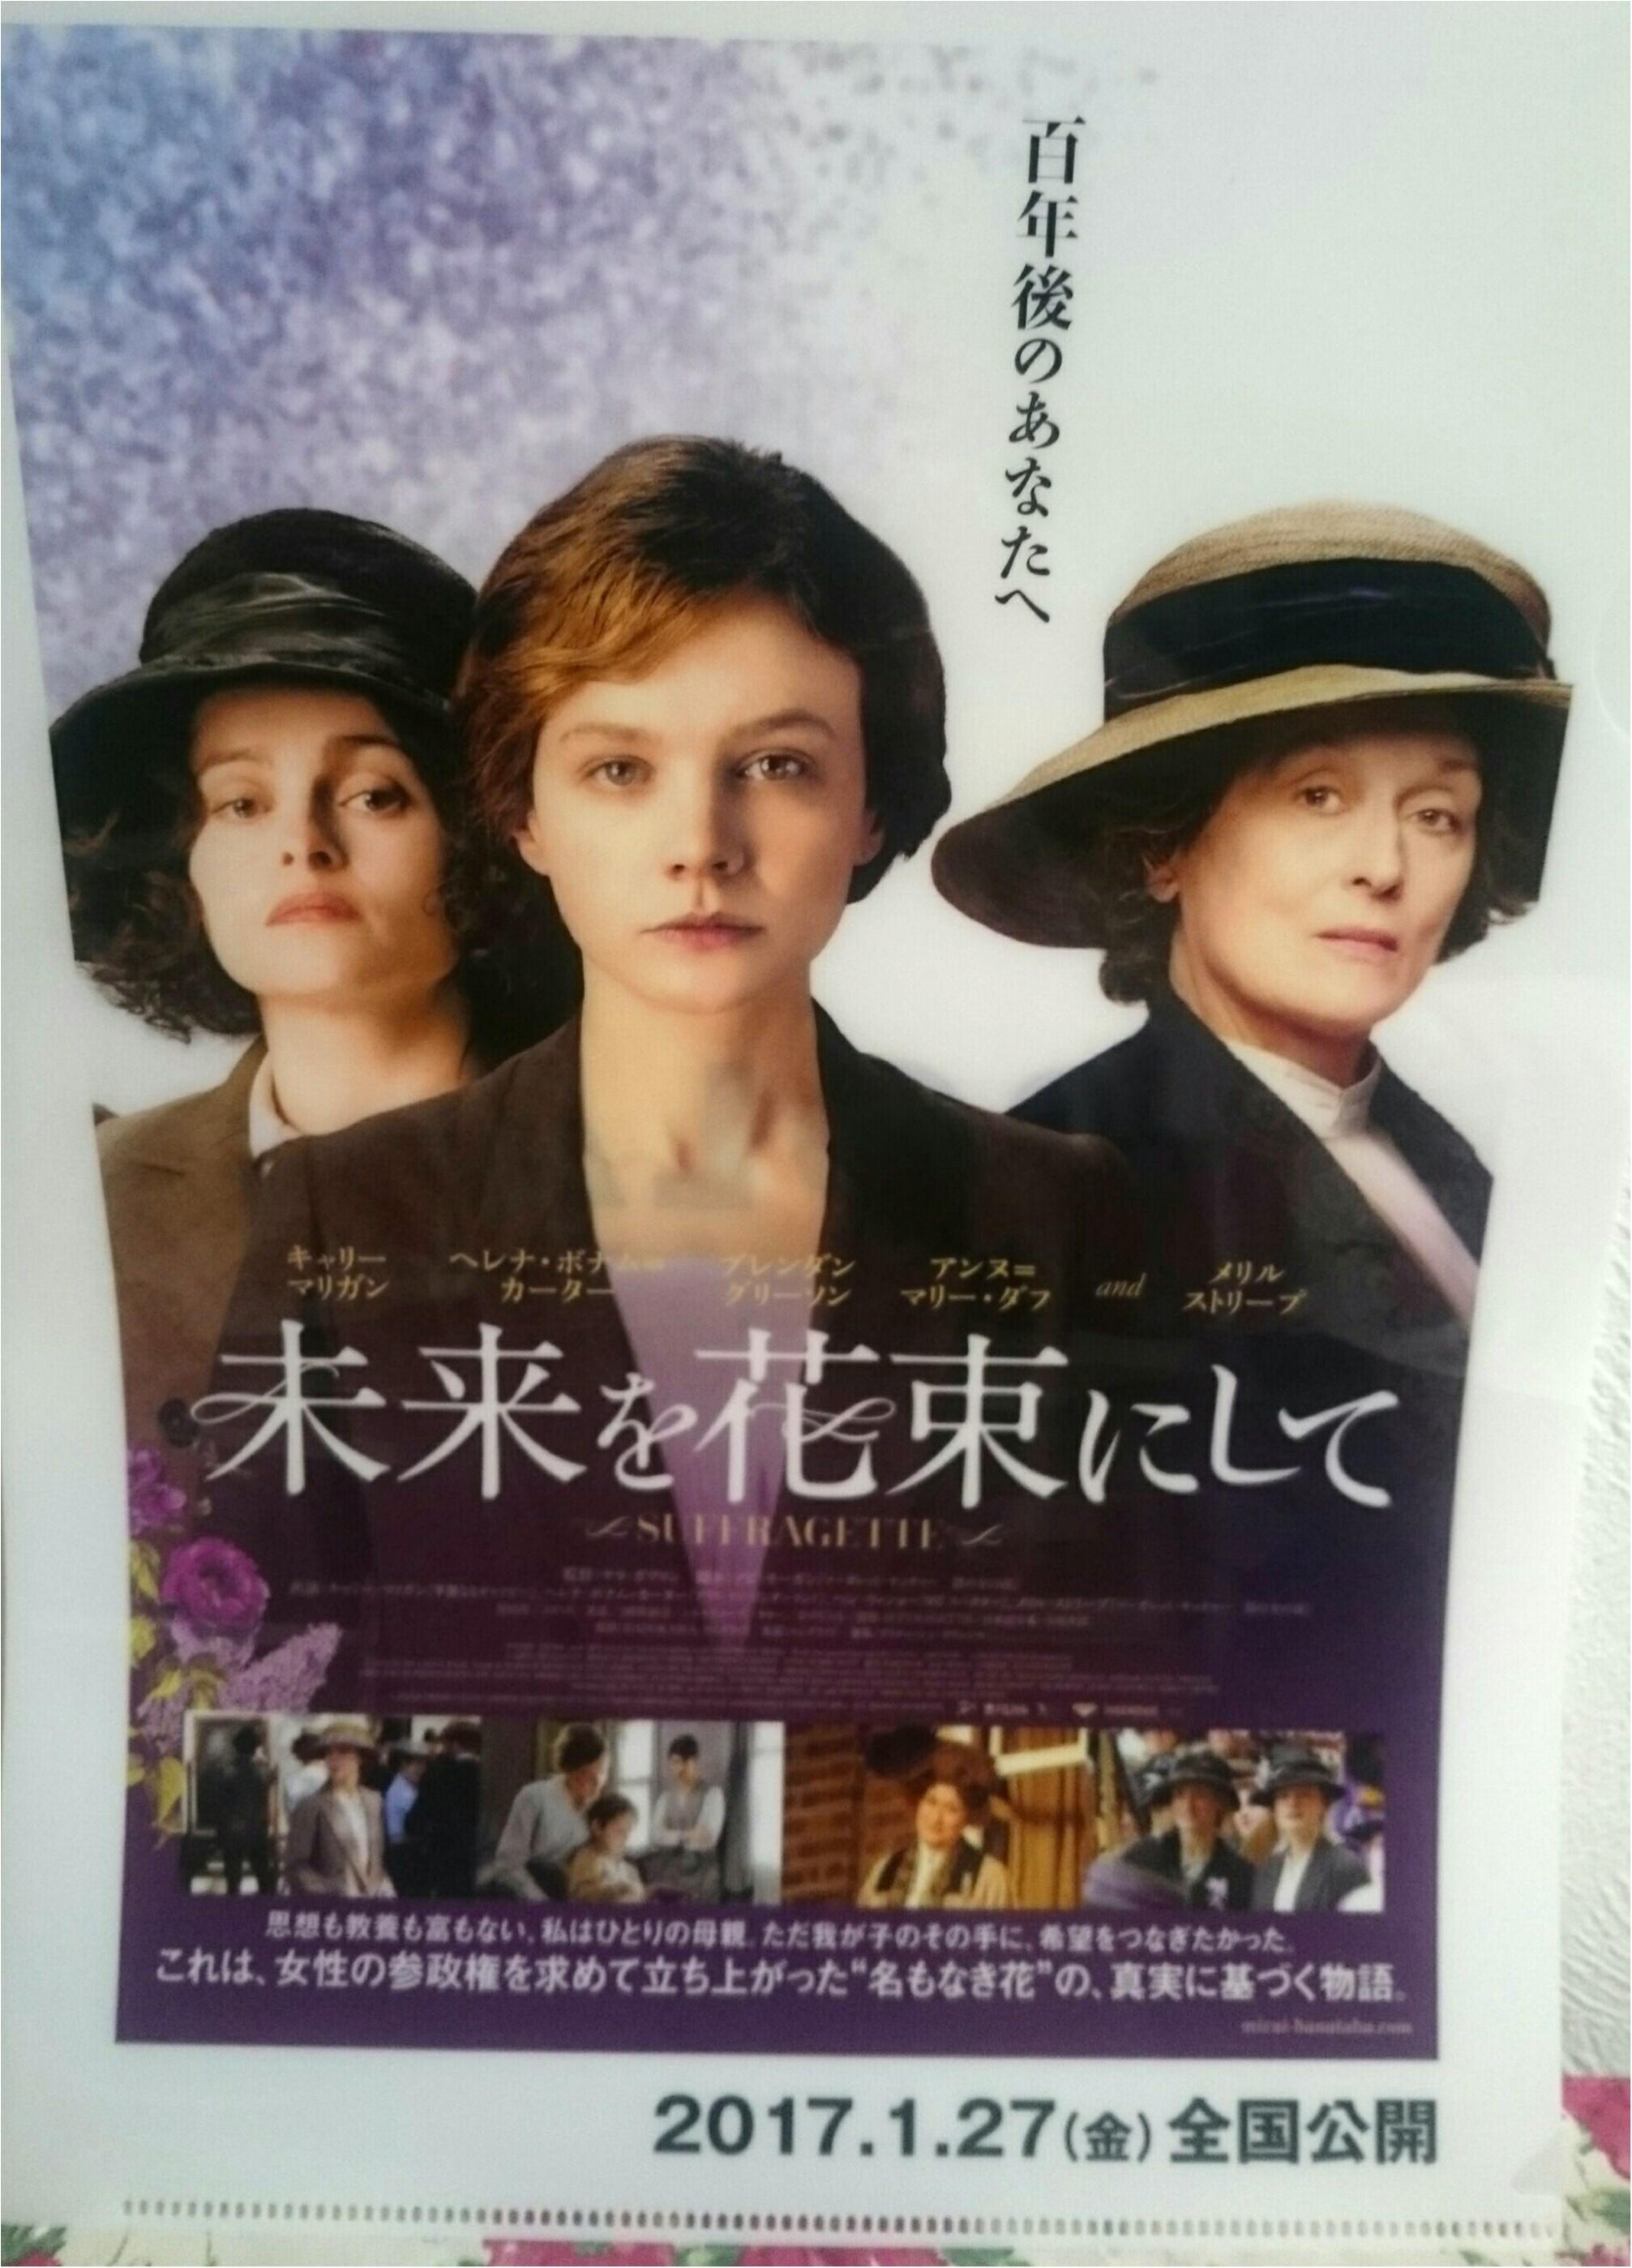 ☆映画の試写会に行って来ました!我が子に希望をつなぐために立ち上がった勇気ある女性たちの物語☆_1